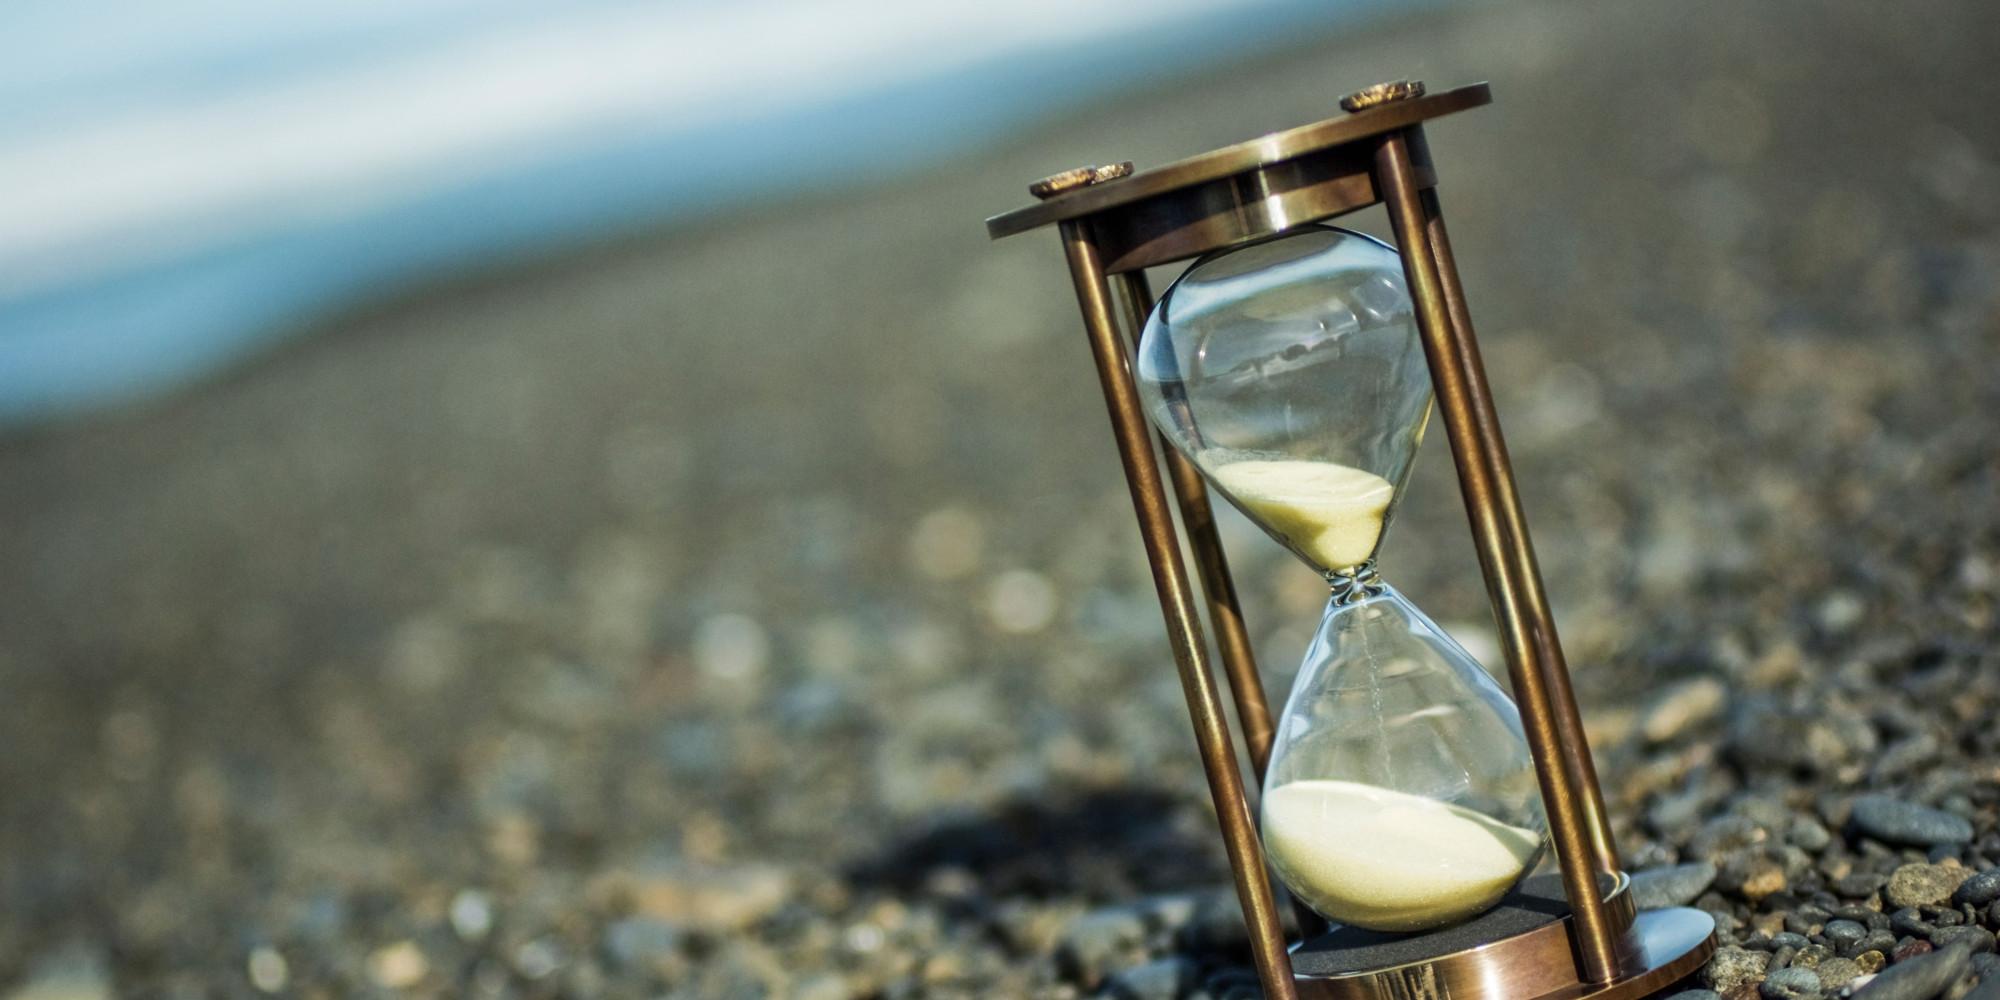 картинки с песочными часами из которых улетает песок очень